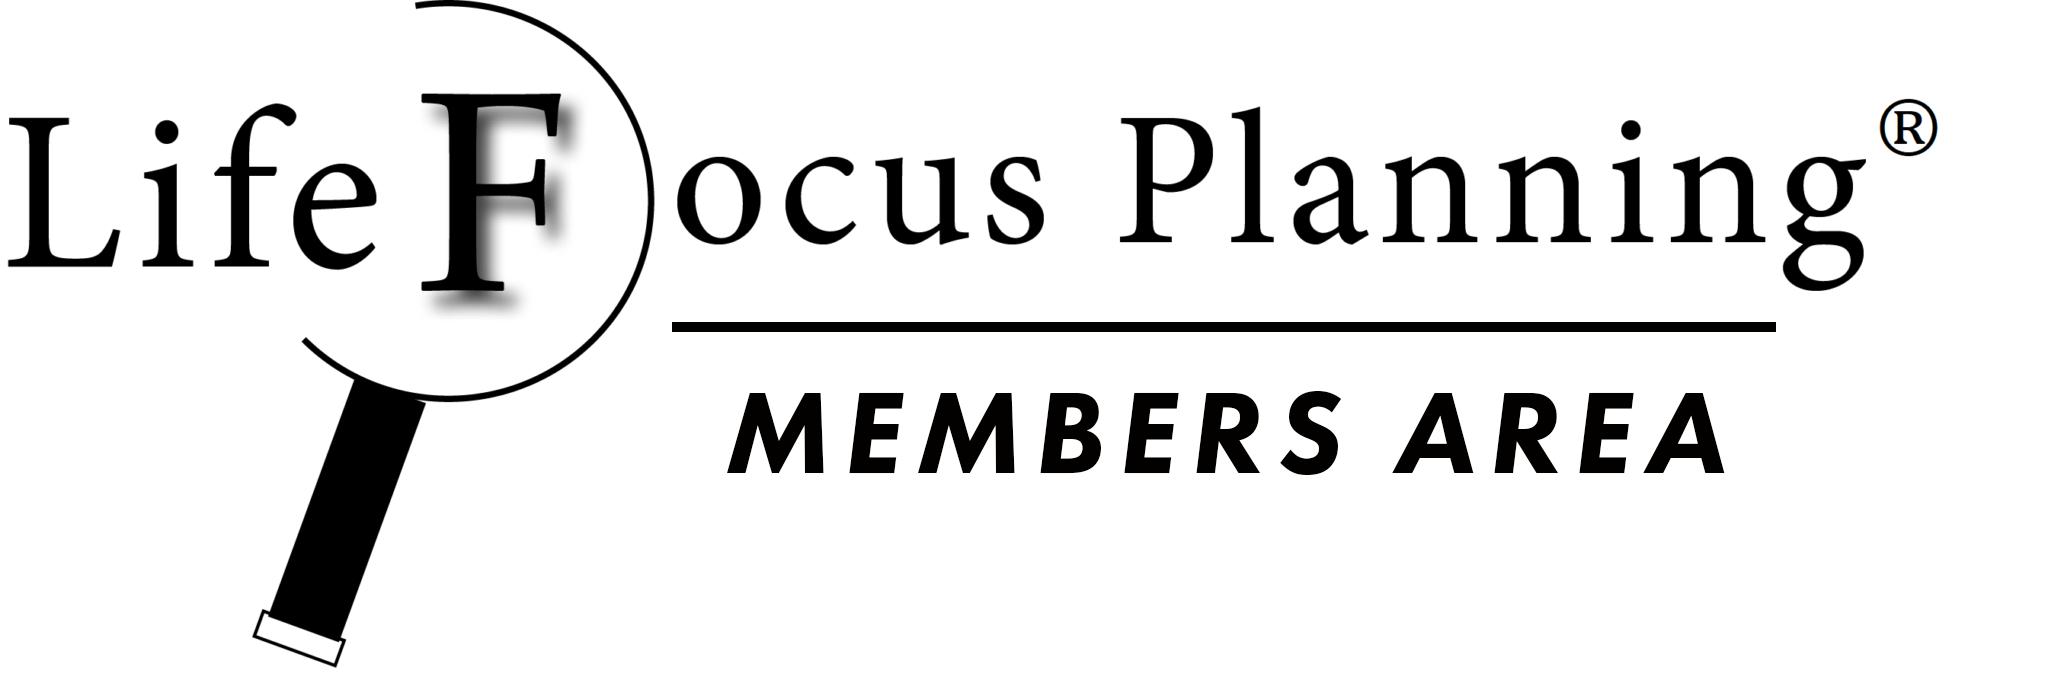 Life Focus Planning